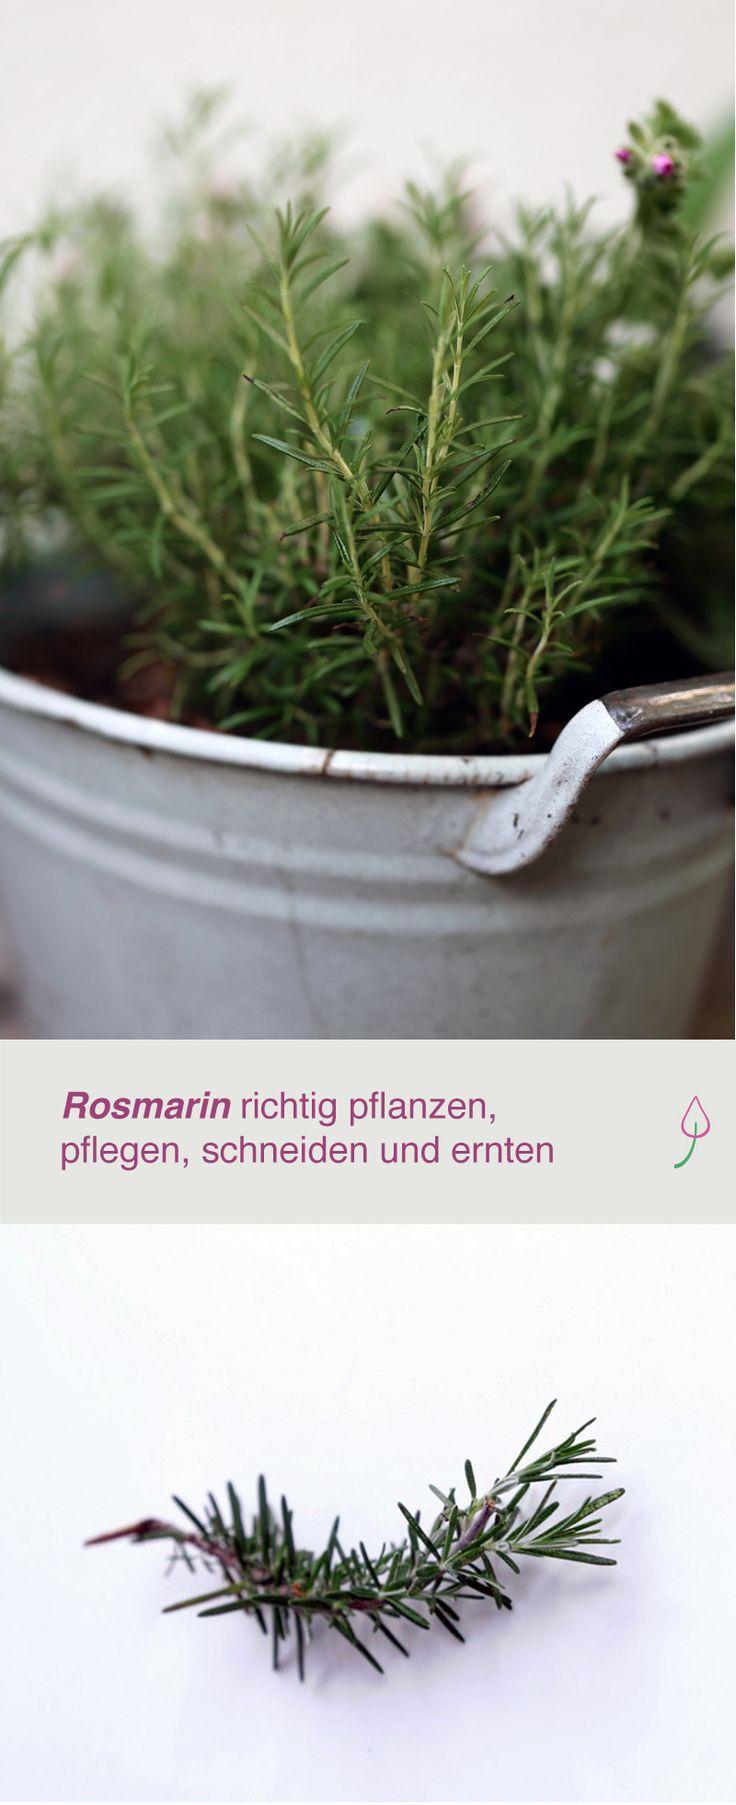 Rosmarin im Garten und auf dem Balkon pflanzen, pflegen, schneiden